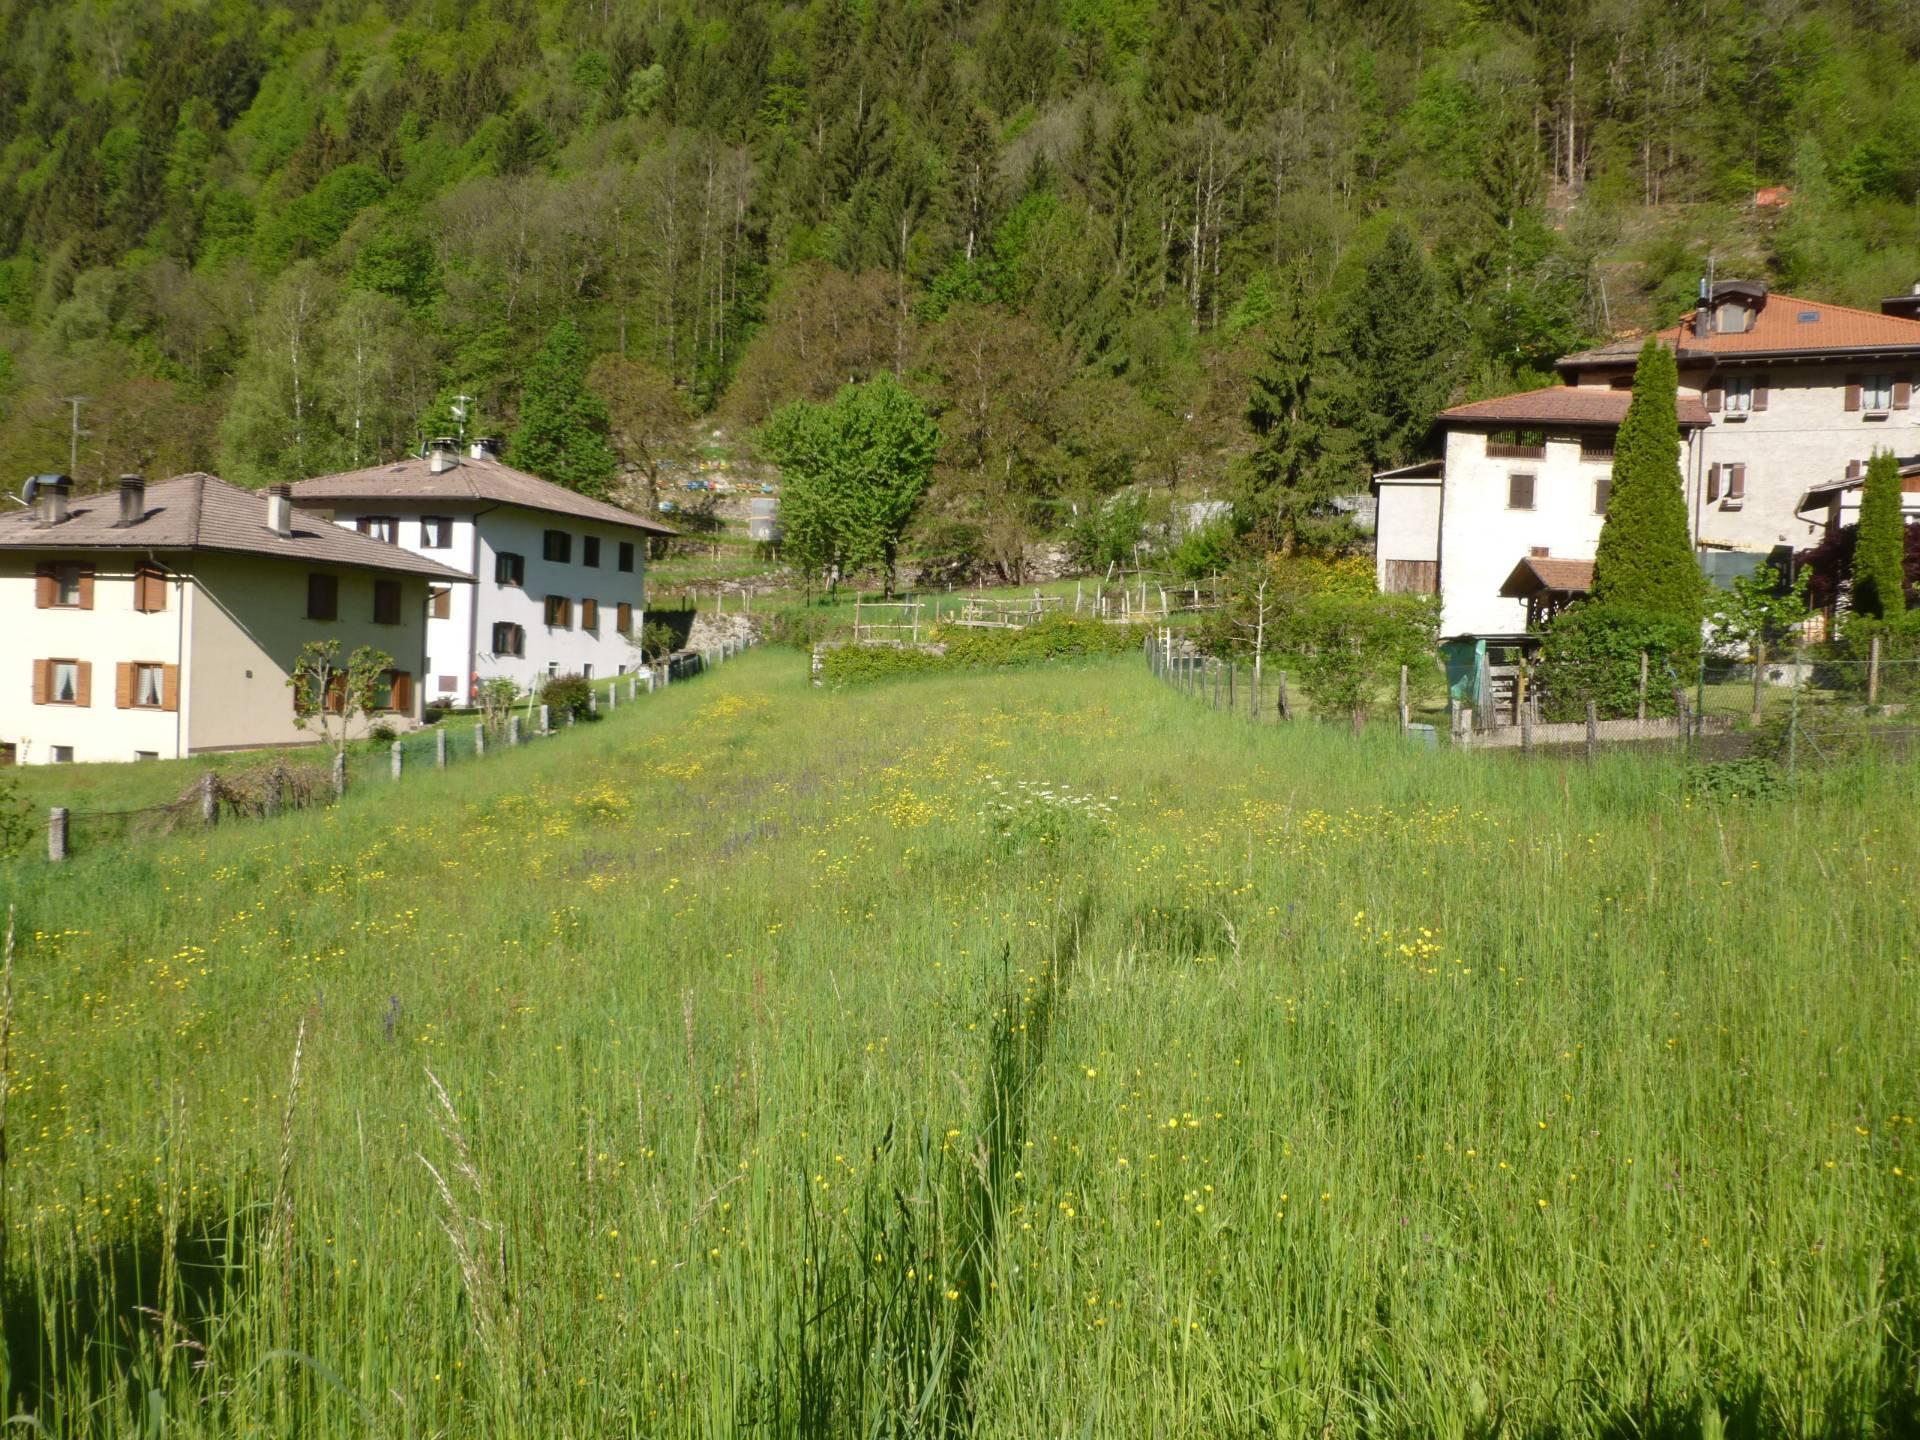 Terreno Edificabile Residenziale in vendita a Pelugo, 9999 locali, prezzo € 160.000 | CambioCasa.it